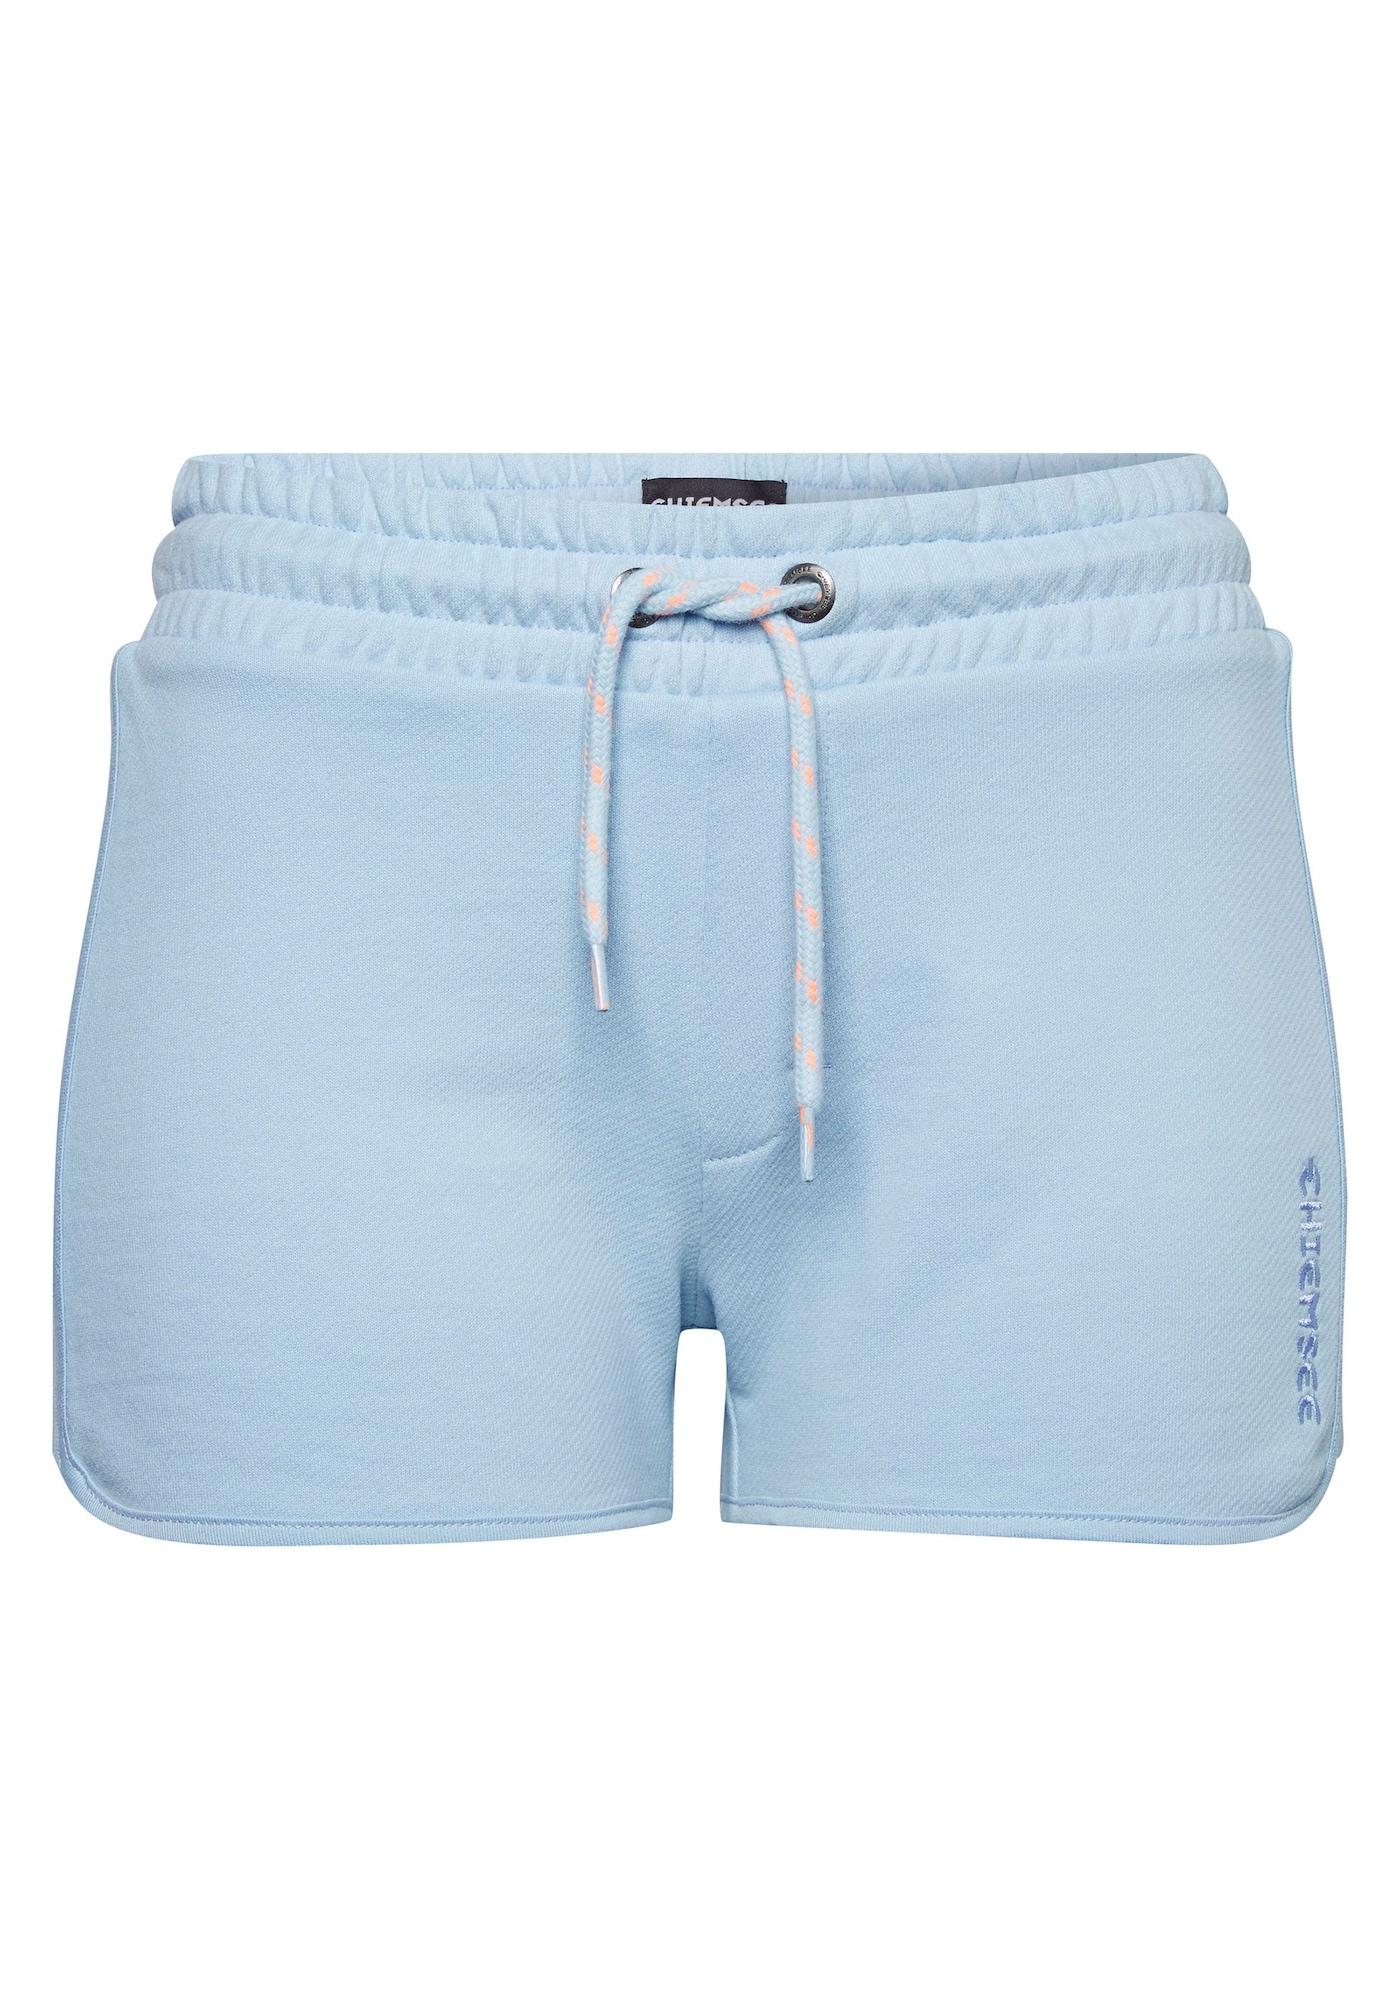 CHIEMSEE Kelnės šviesiai mėlyna